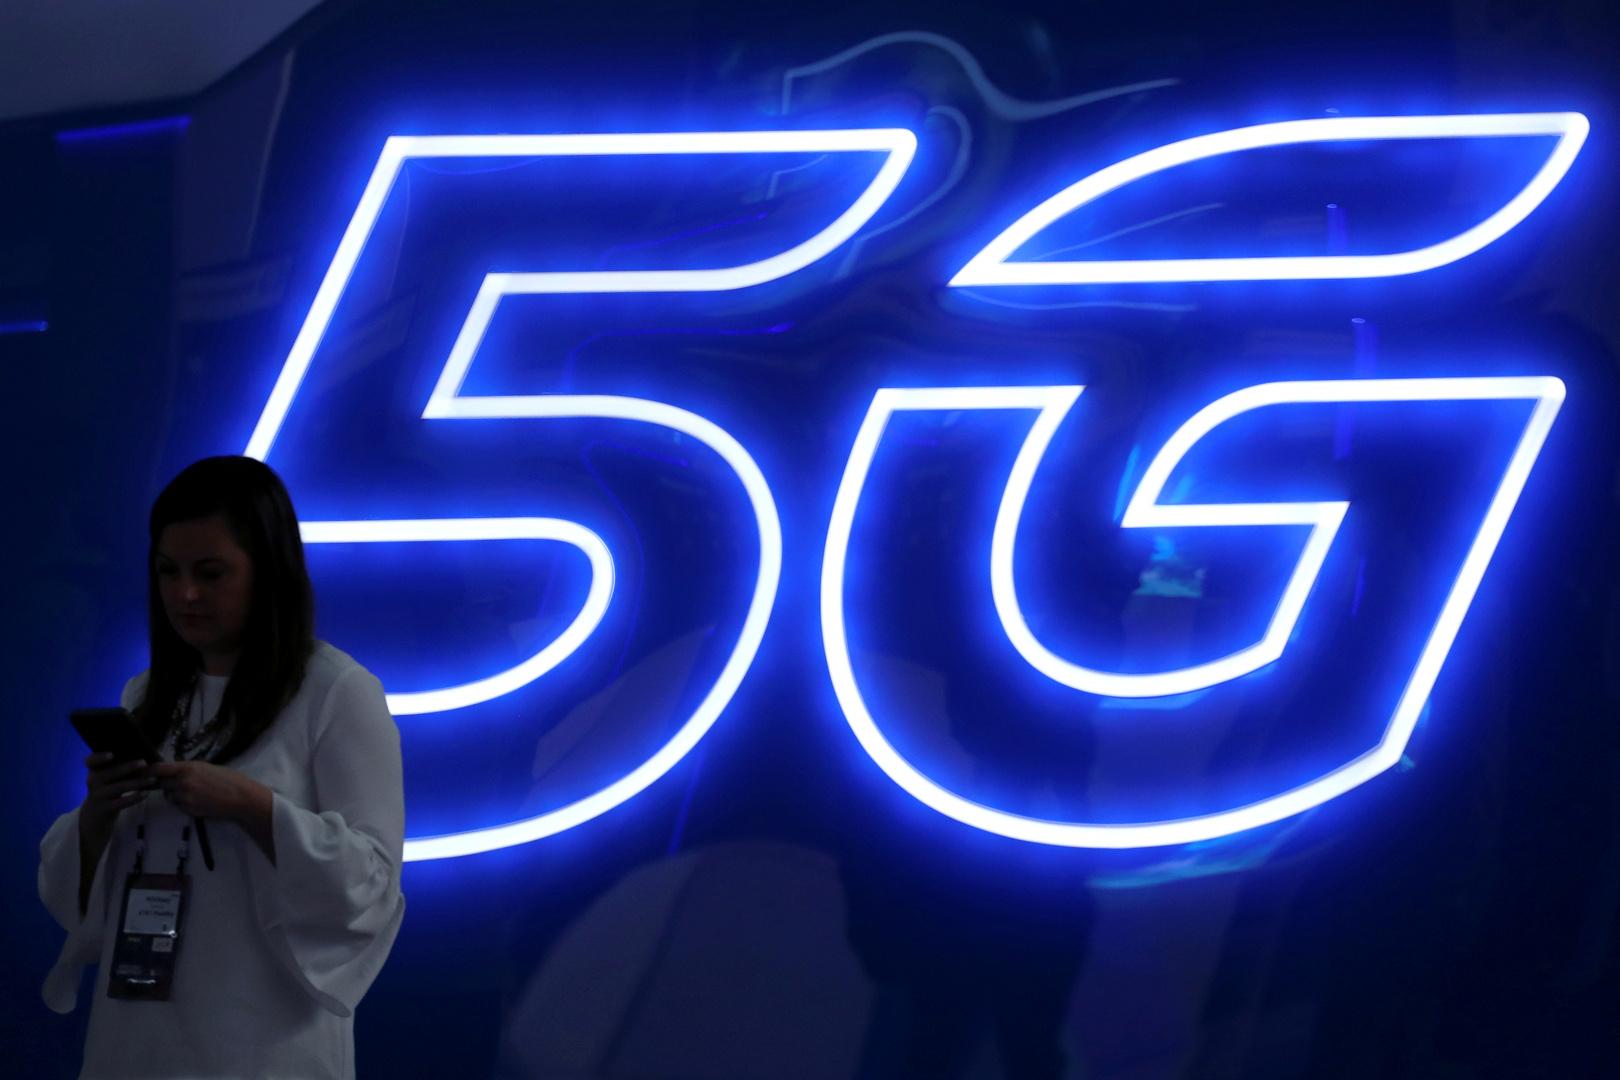 لأول مرة في روسيا.. شركة اتصالات تطلق شبكة 5G